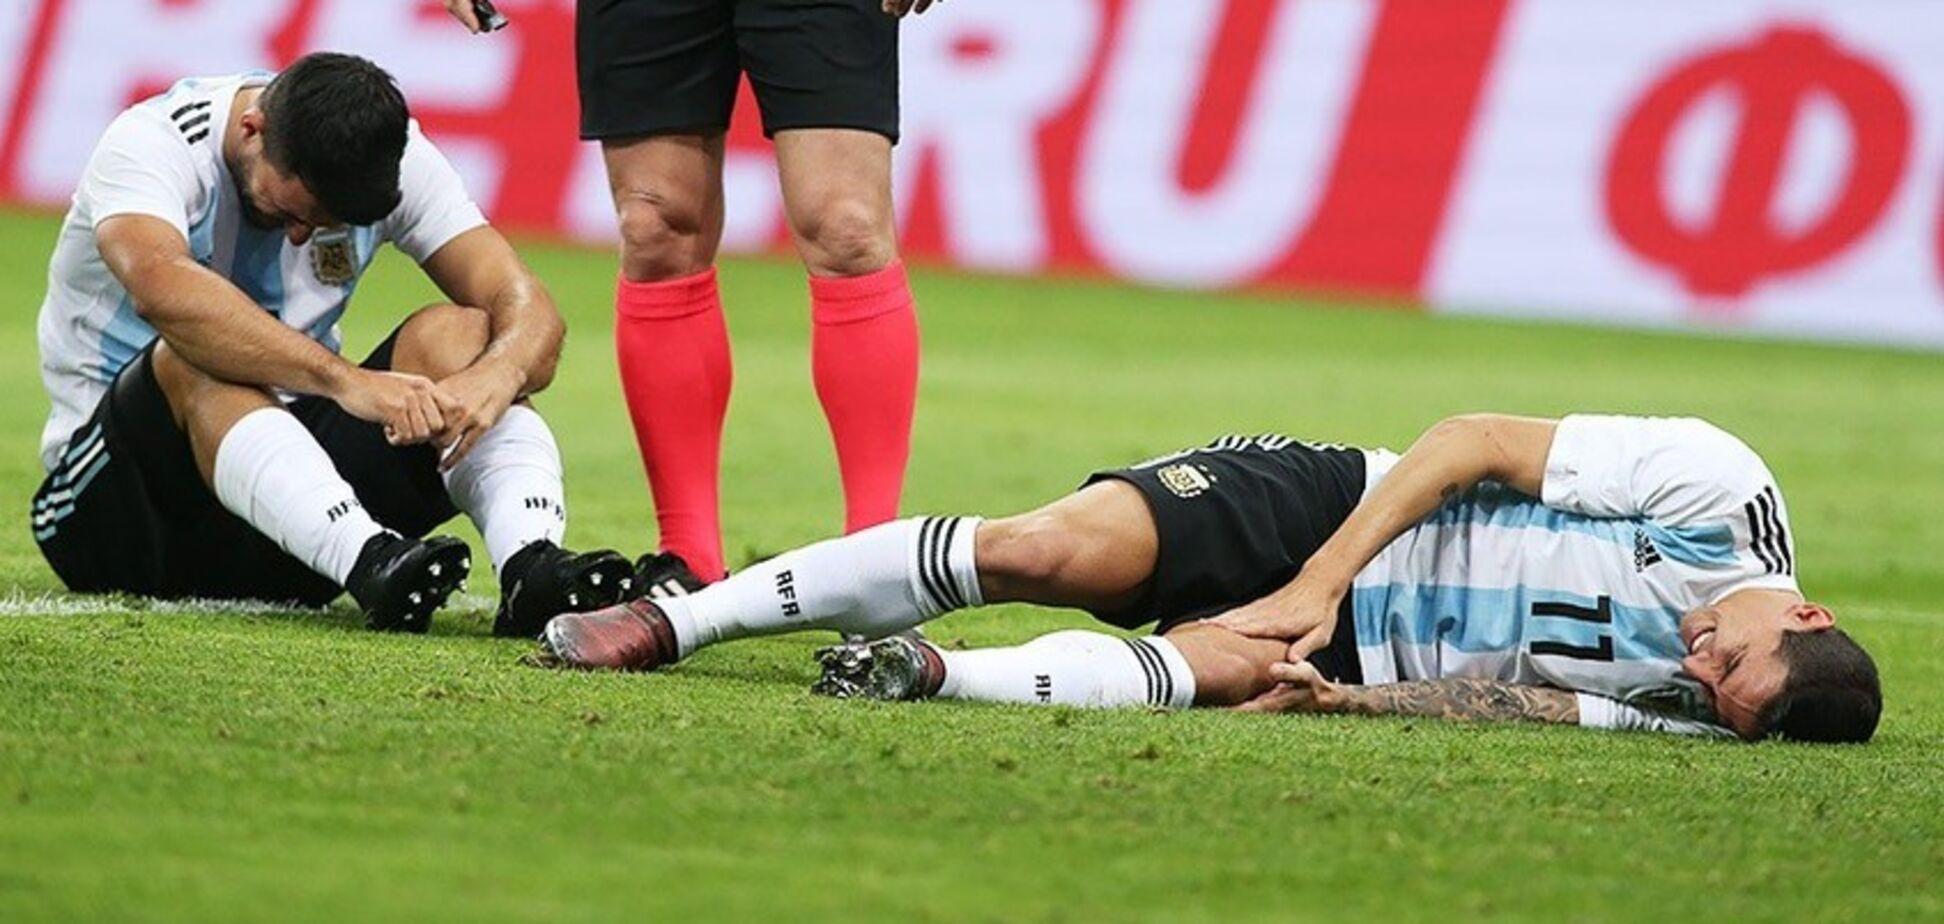 Нападающий сборной Аргентины был срочно госпитализирован с матча в России